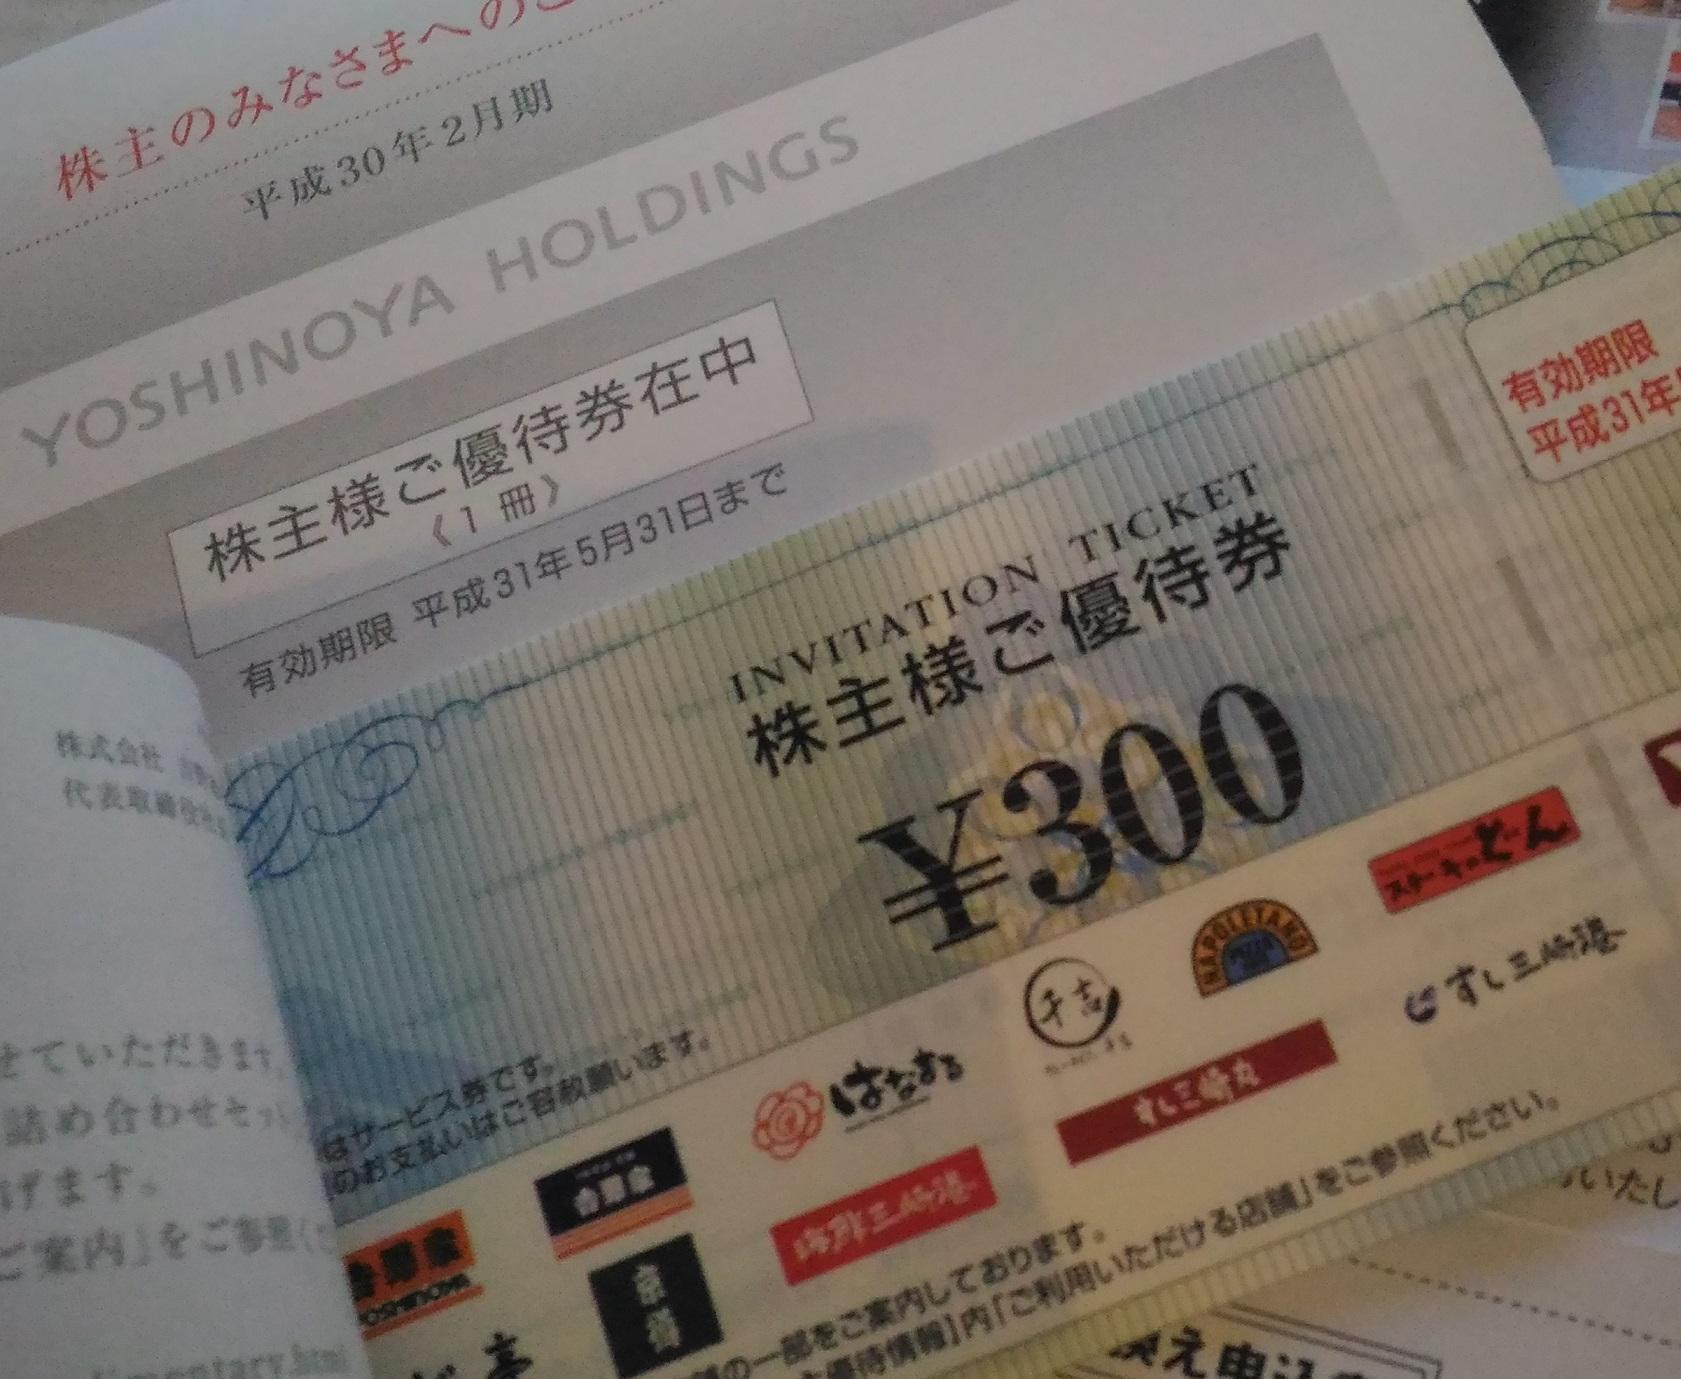 yoshinoya_haito2019_.jpg